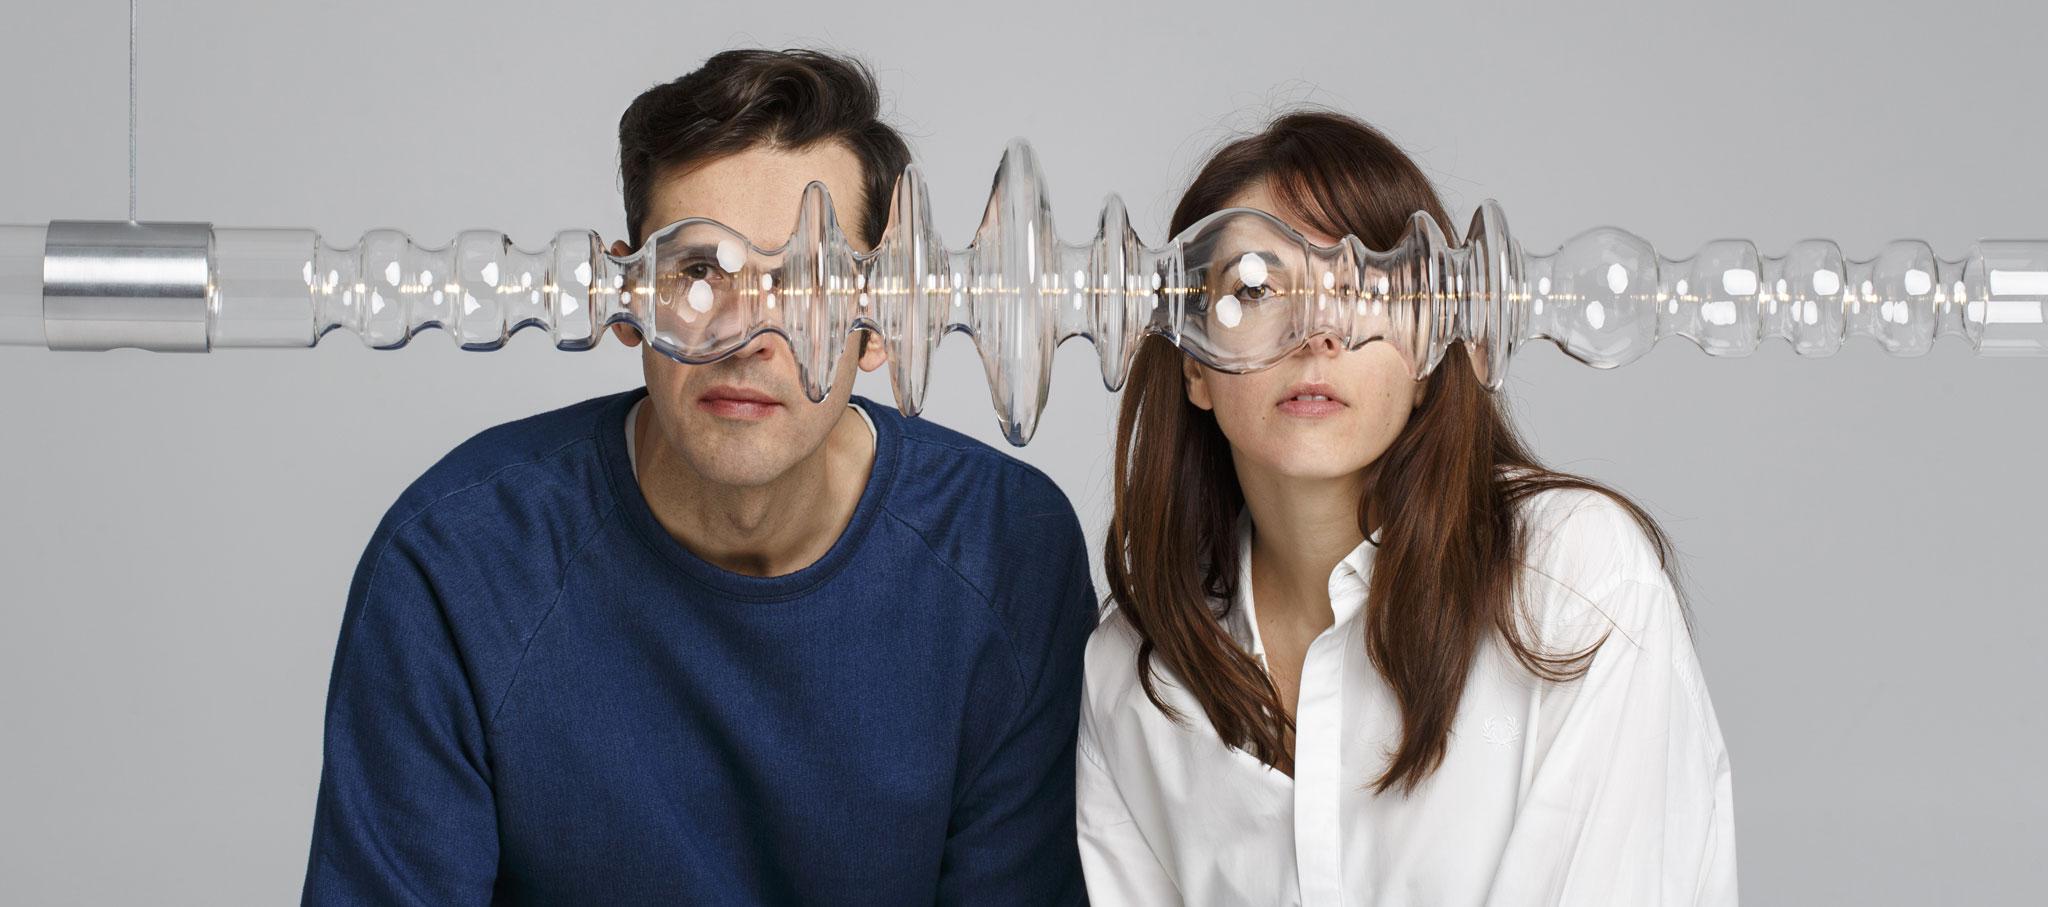 Marta Alonso Yebra & Imanol Calderón Elósegui. Filamento 'una forma visual y lineal de energía' de Mayice Studio. Fotografía © Pablo Gómez-Ogando